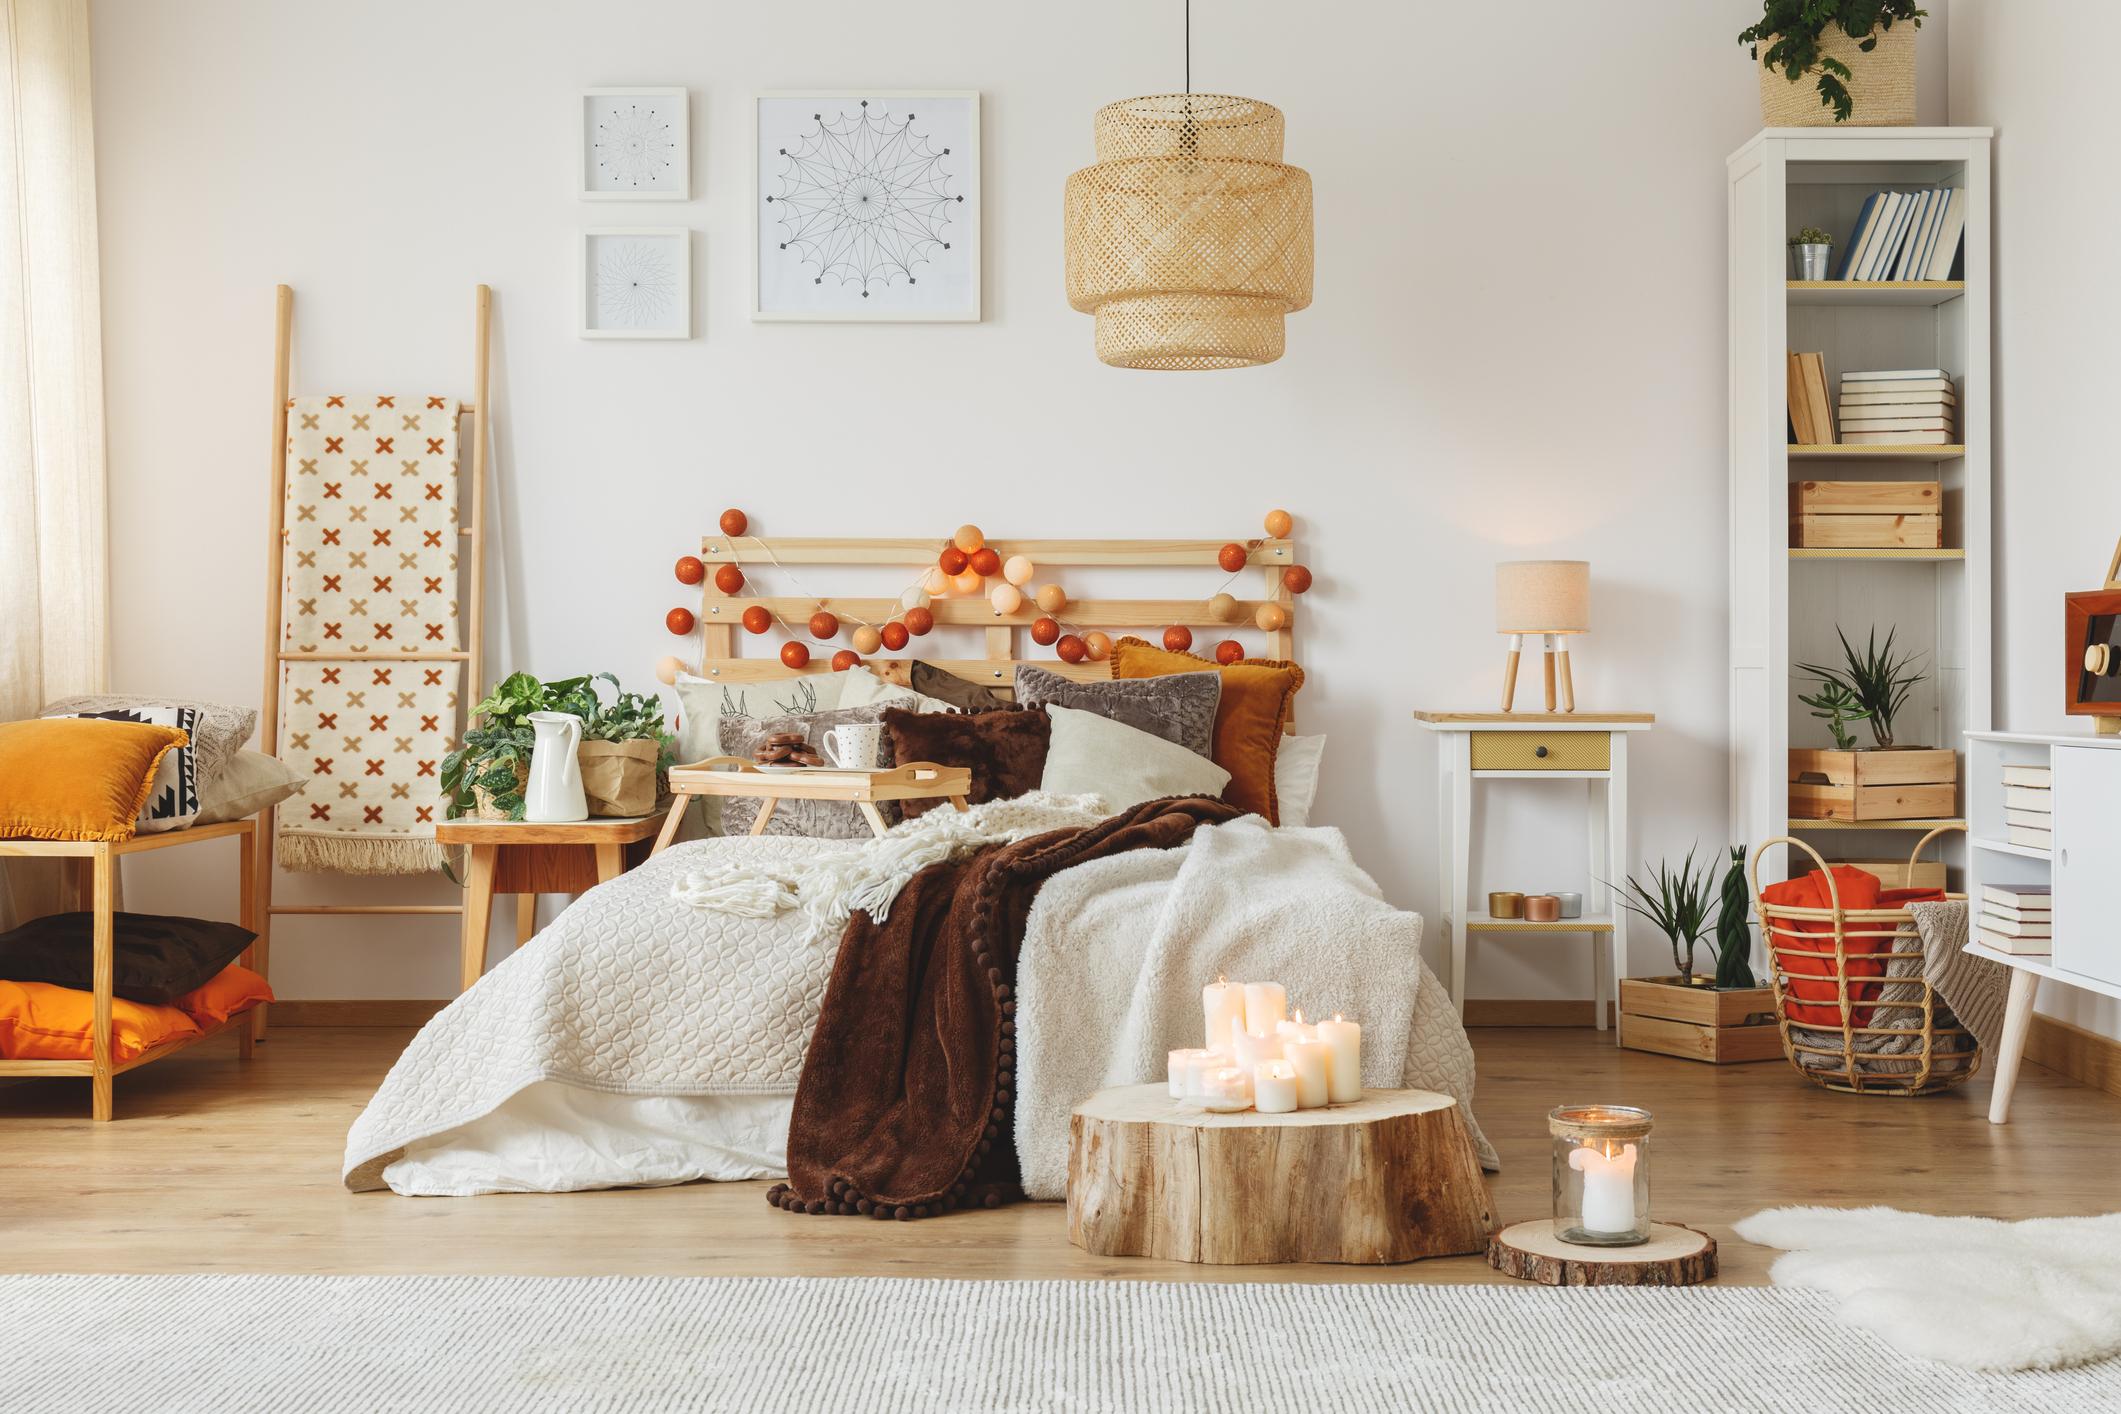 11 Cara Menghias Kamar Tidur Sempit agar Terlihat Luas dan Nyaman